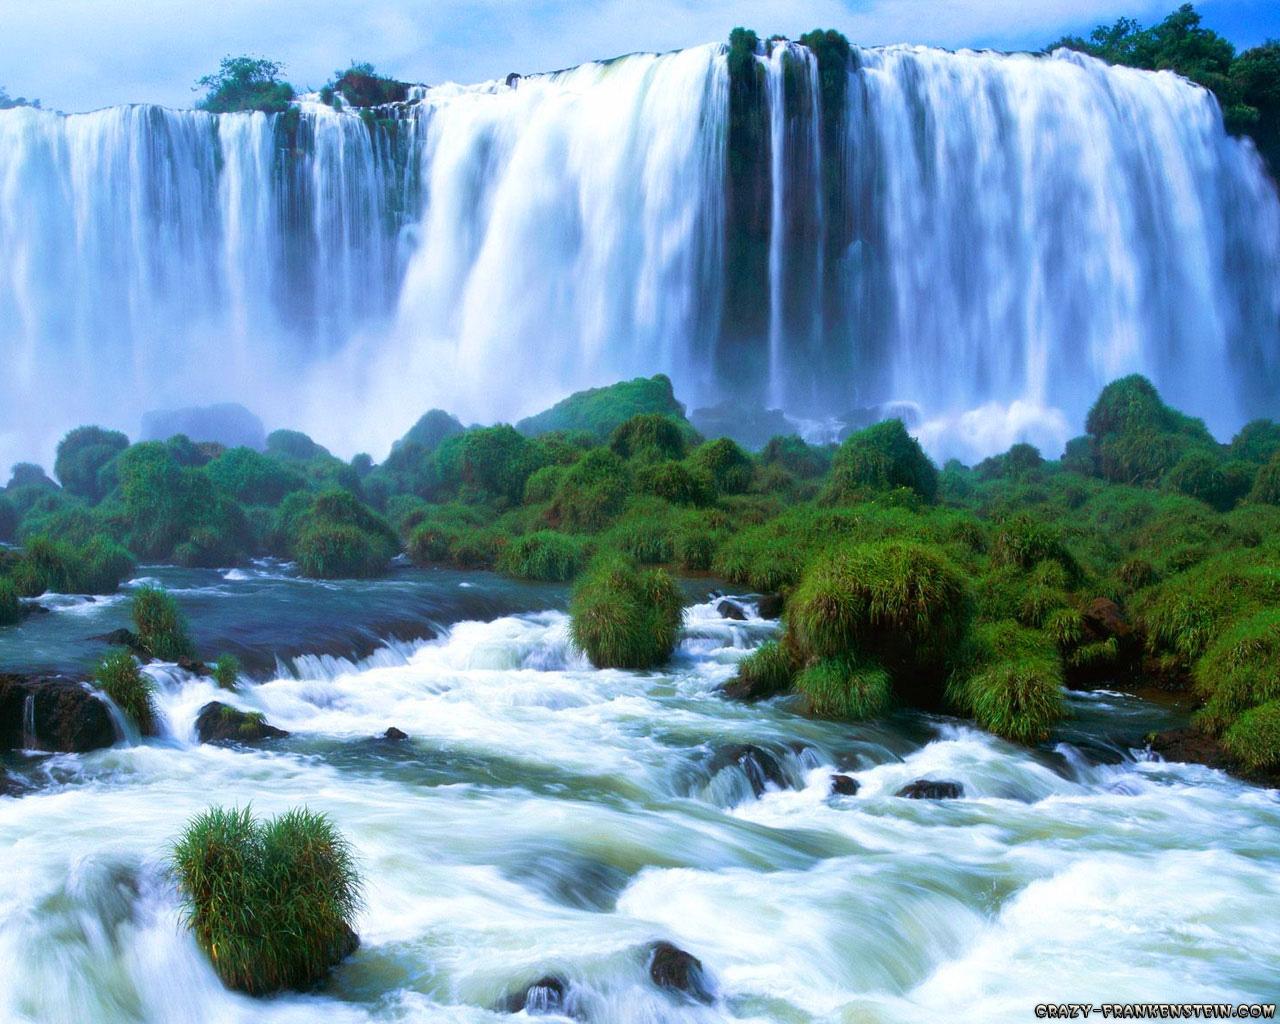 http://3.bp.blogspot.com/-KoYCUpnfBhE/UGUdLsOL8tI/AAAAAAAAHaY/_PxAcWDMHEU/s1600/Nature-wallpaper-57.jpg